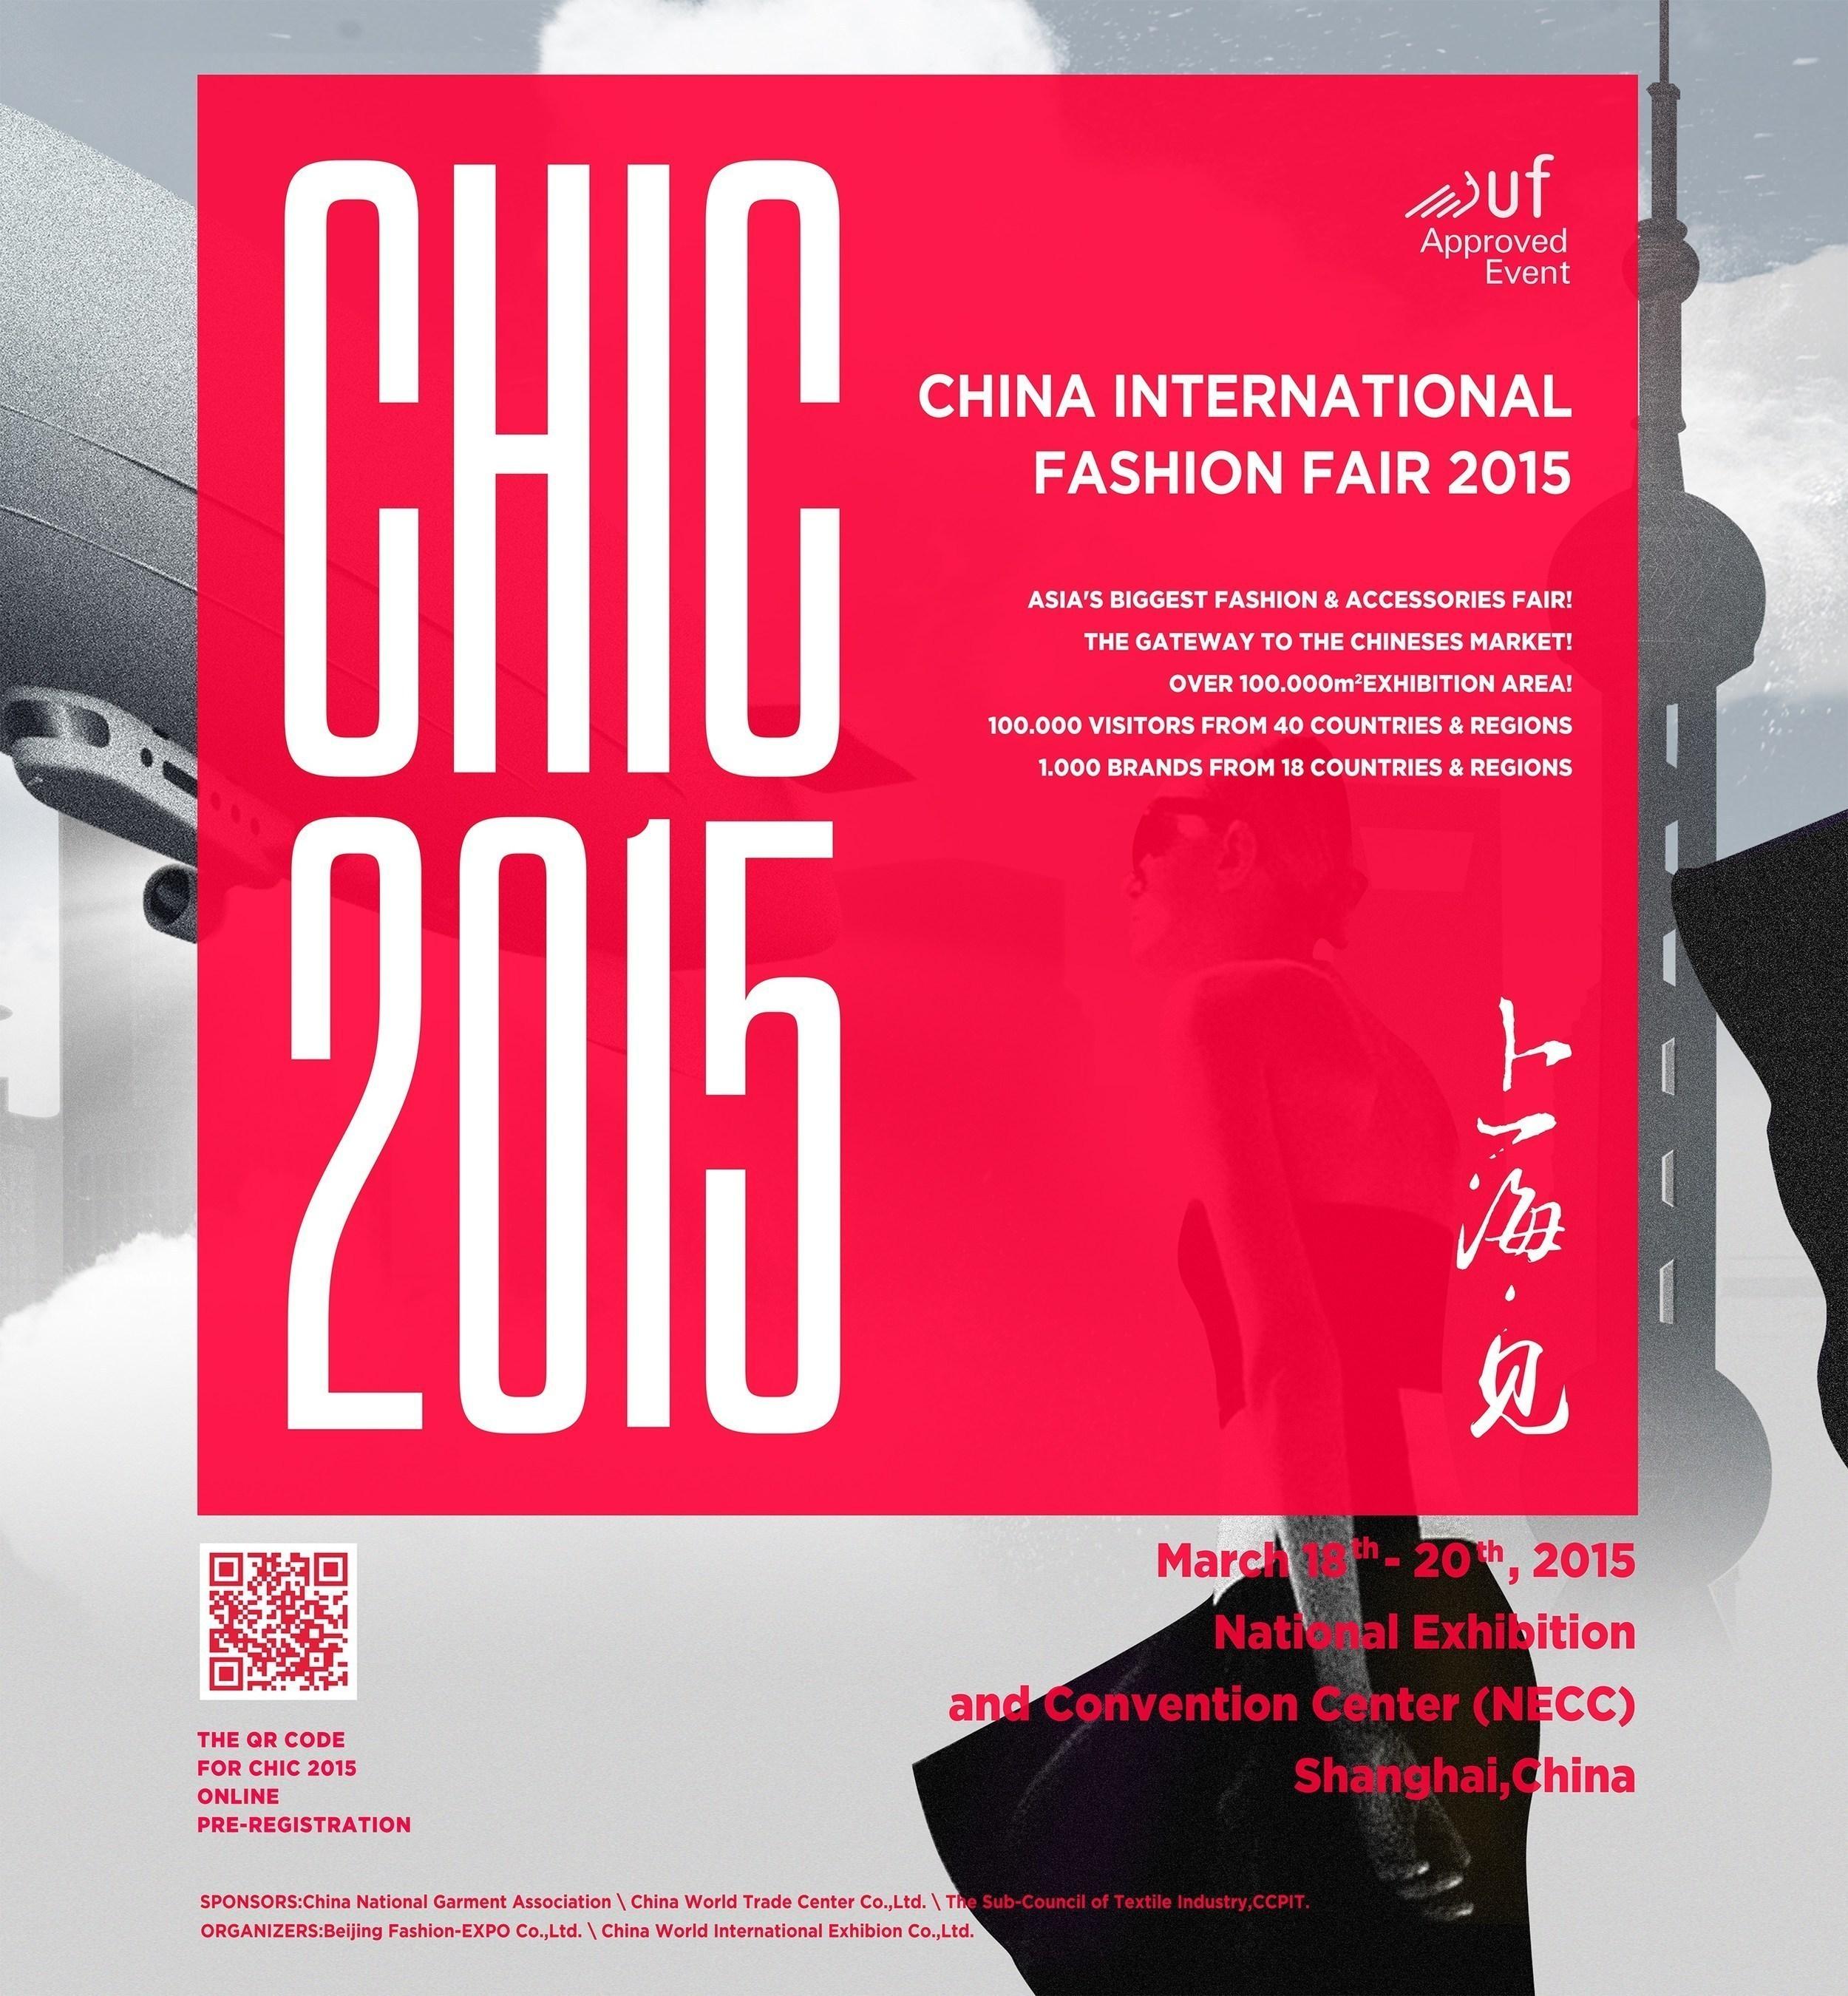 CHIC2015 -- крупнейшая и самая влиятельная выставка моды в Азиатско-тихоокеанском регионе